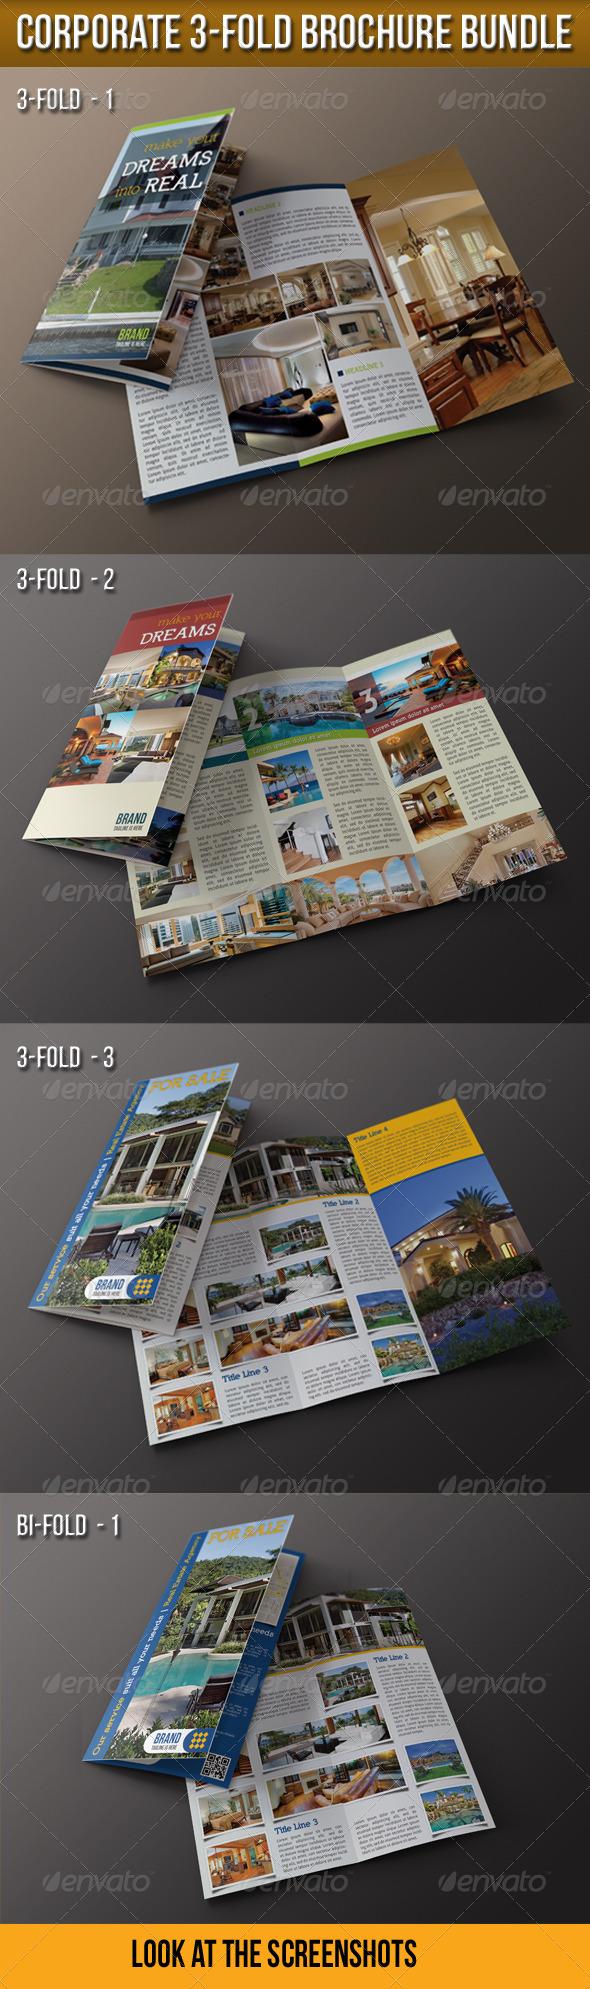 Corporate 3-Fold Brochure Bundle - Corporate Brochures